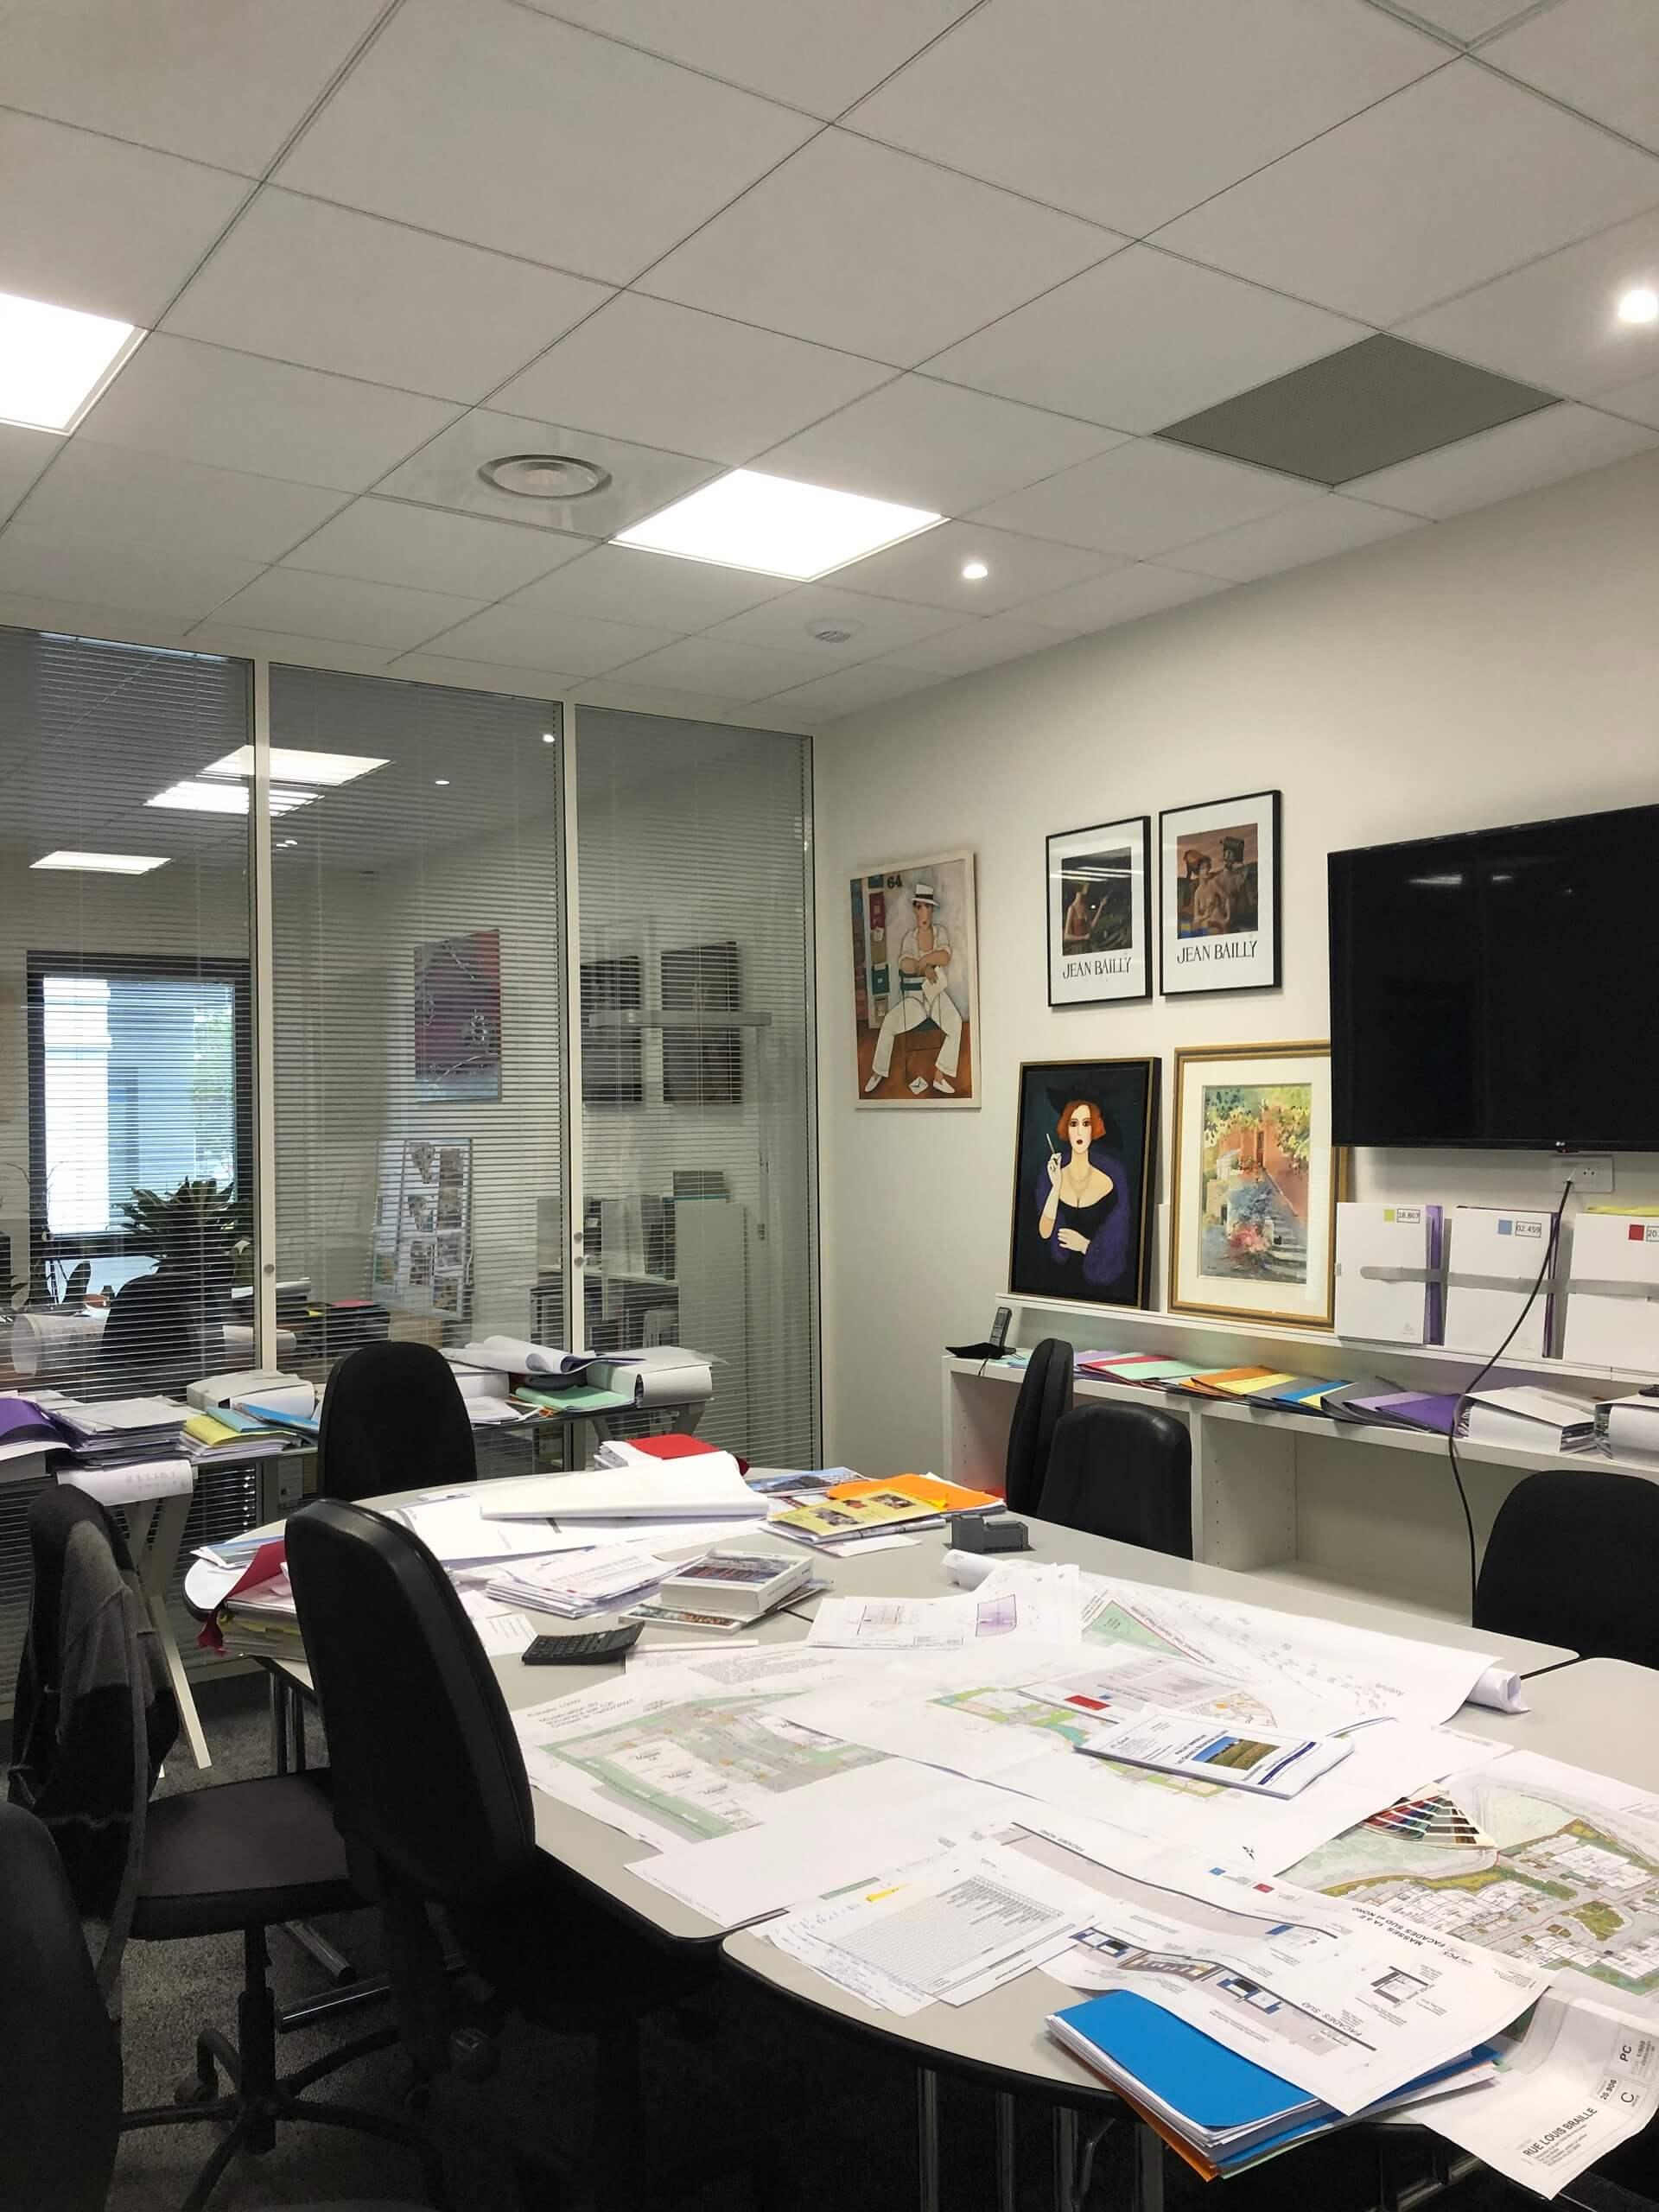 atelier-artchitecte-gruyer (12)